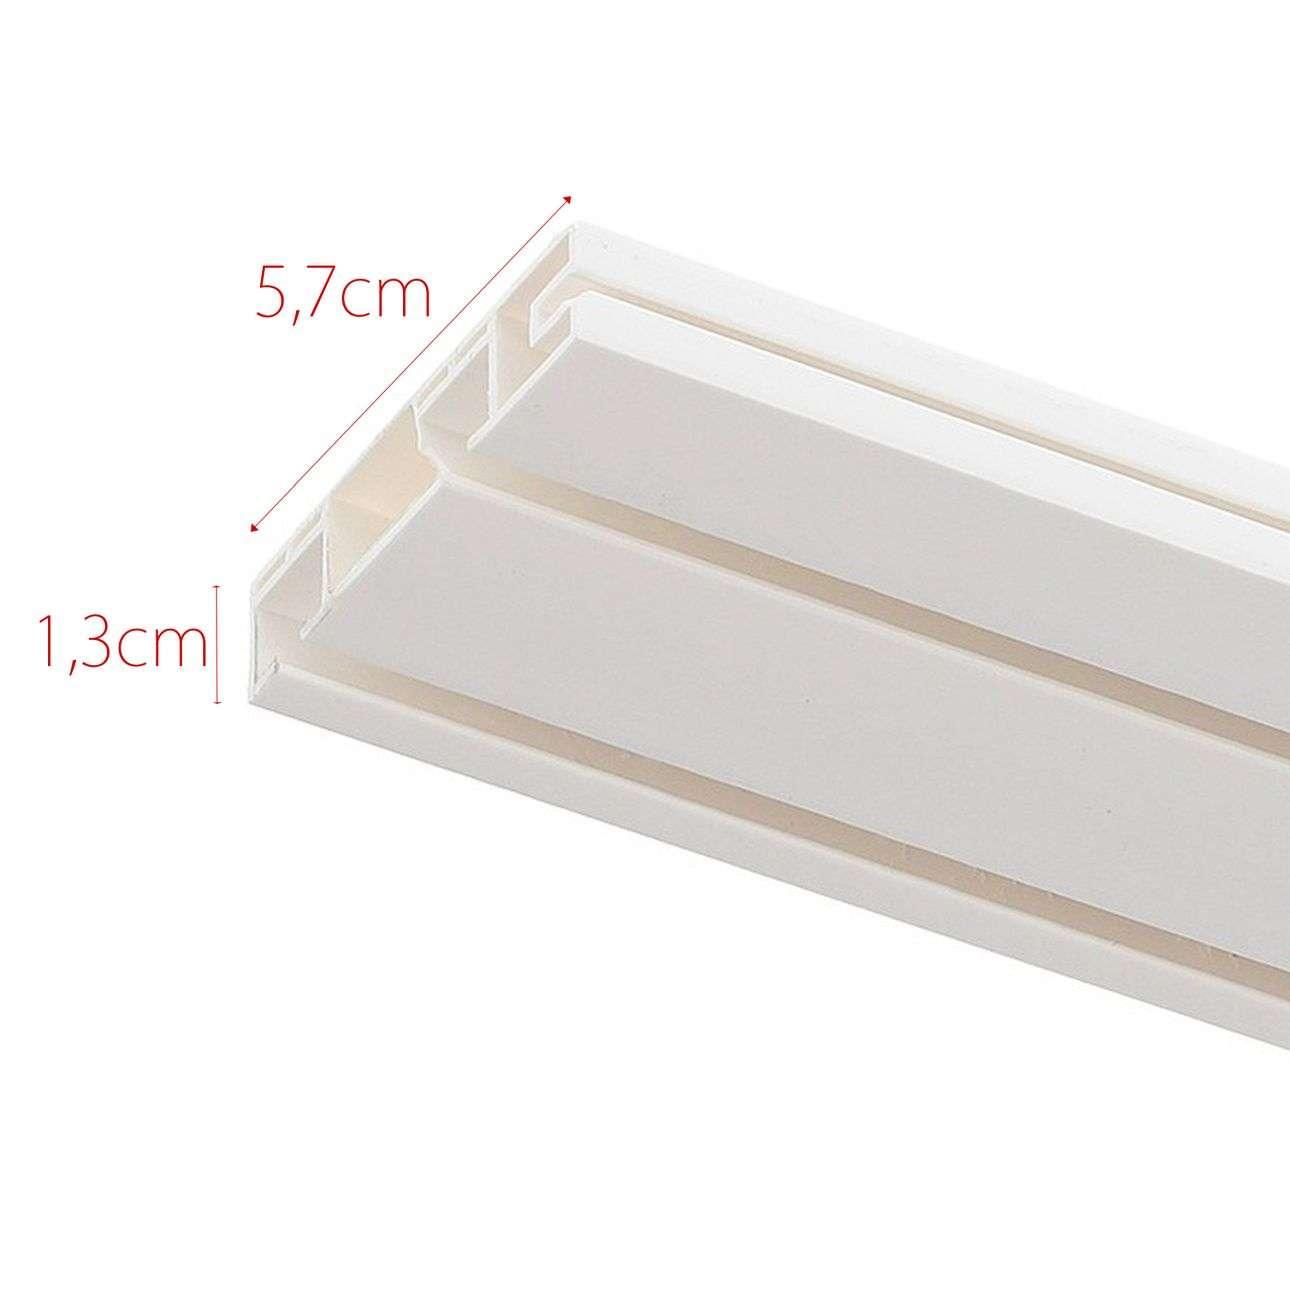 Szyna przysufitowa podwójna prosta 210cm 210cm